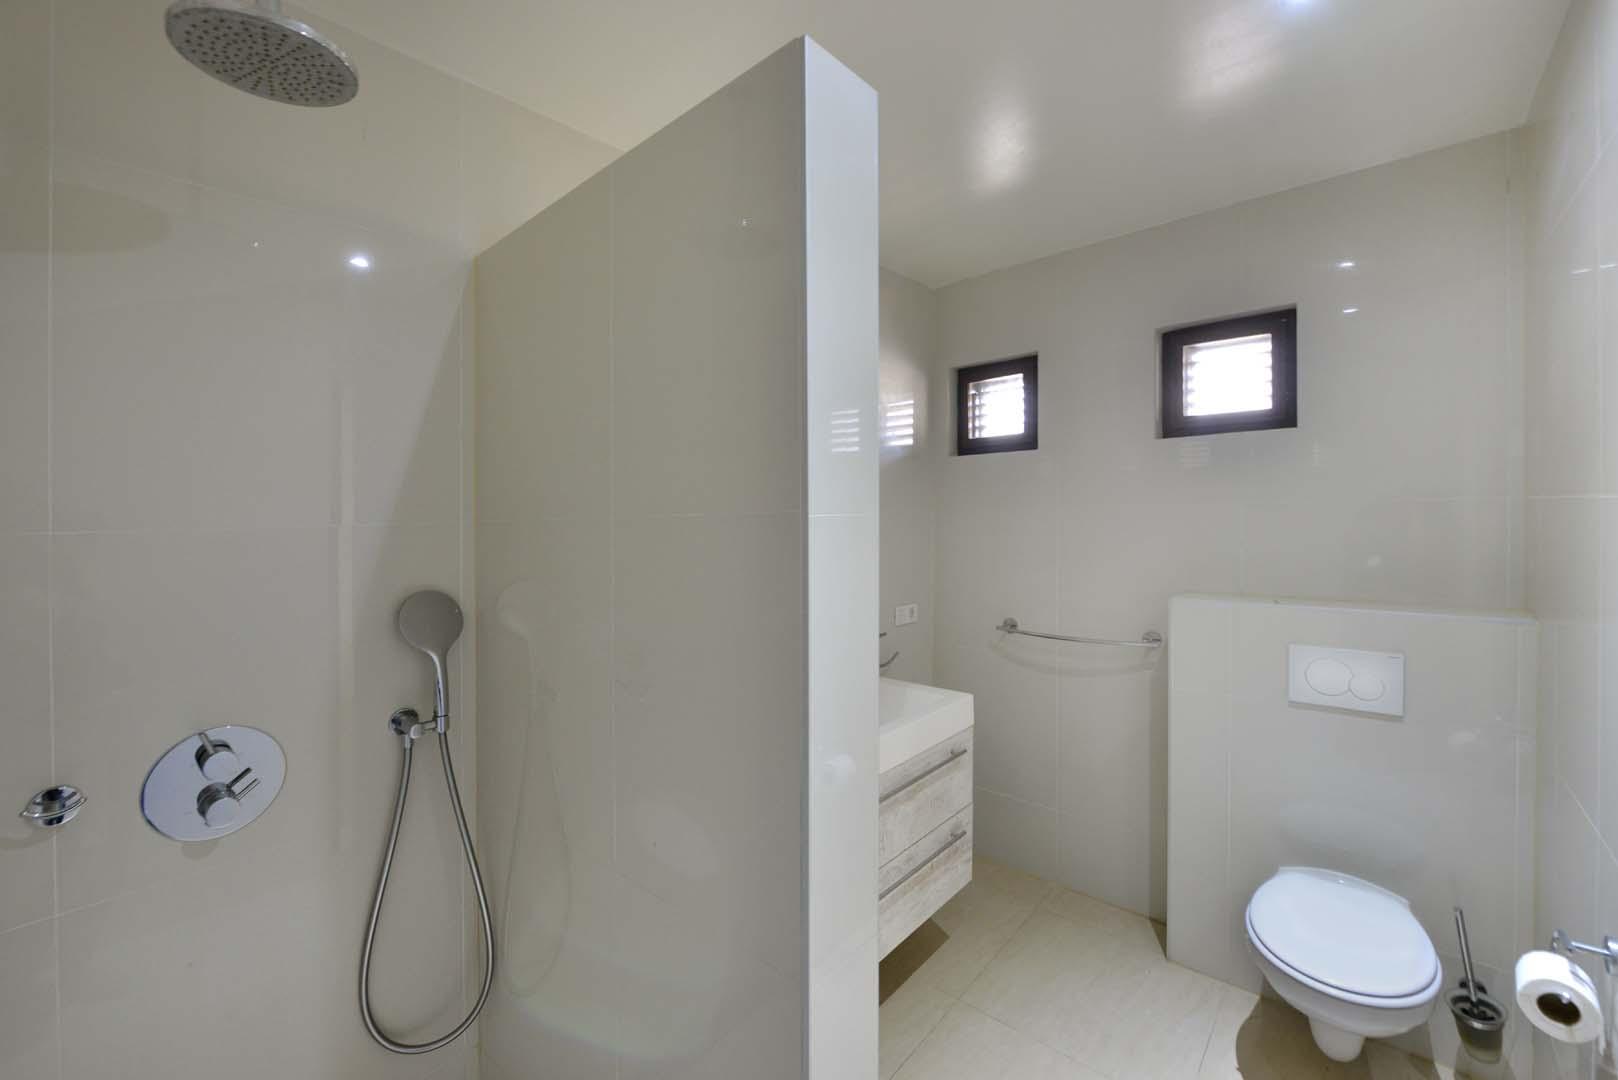 Badkamer met inloopdouche met rainshower, dubbele wastafel en toilet